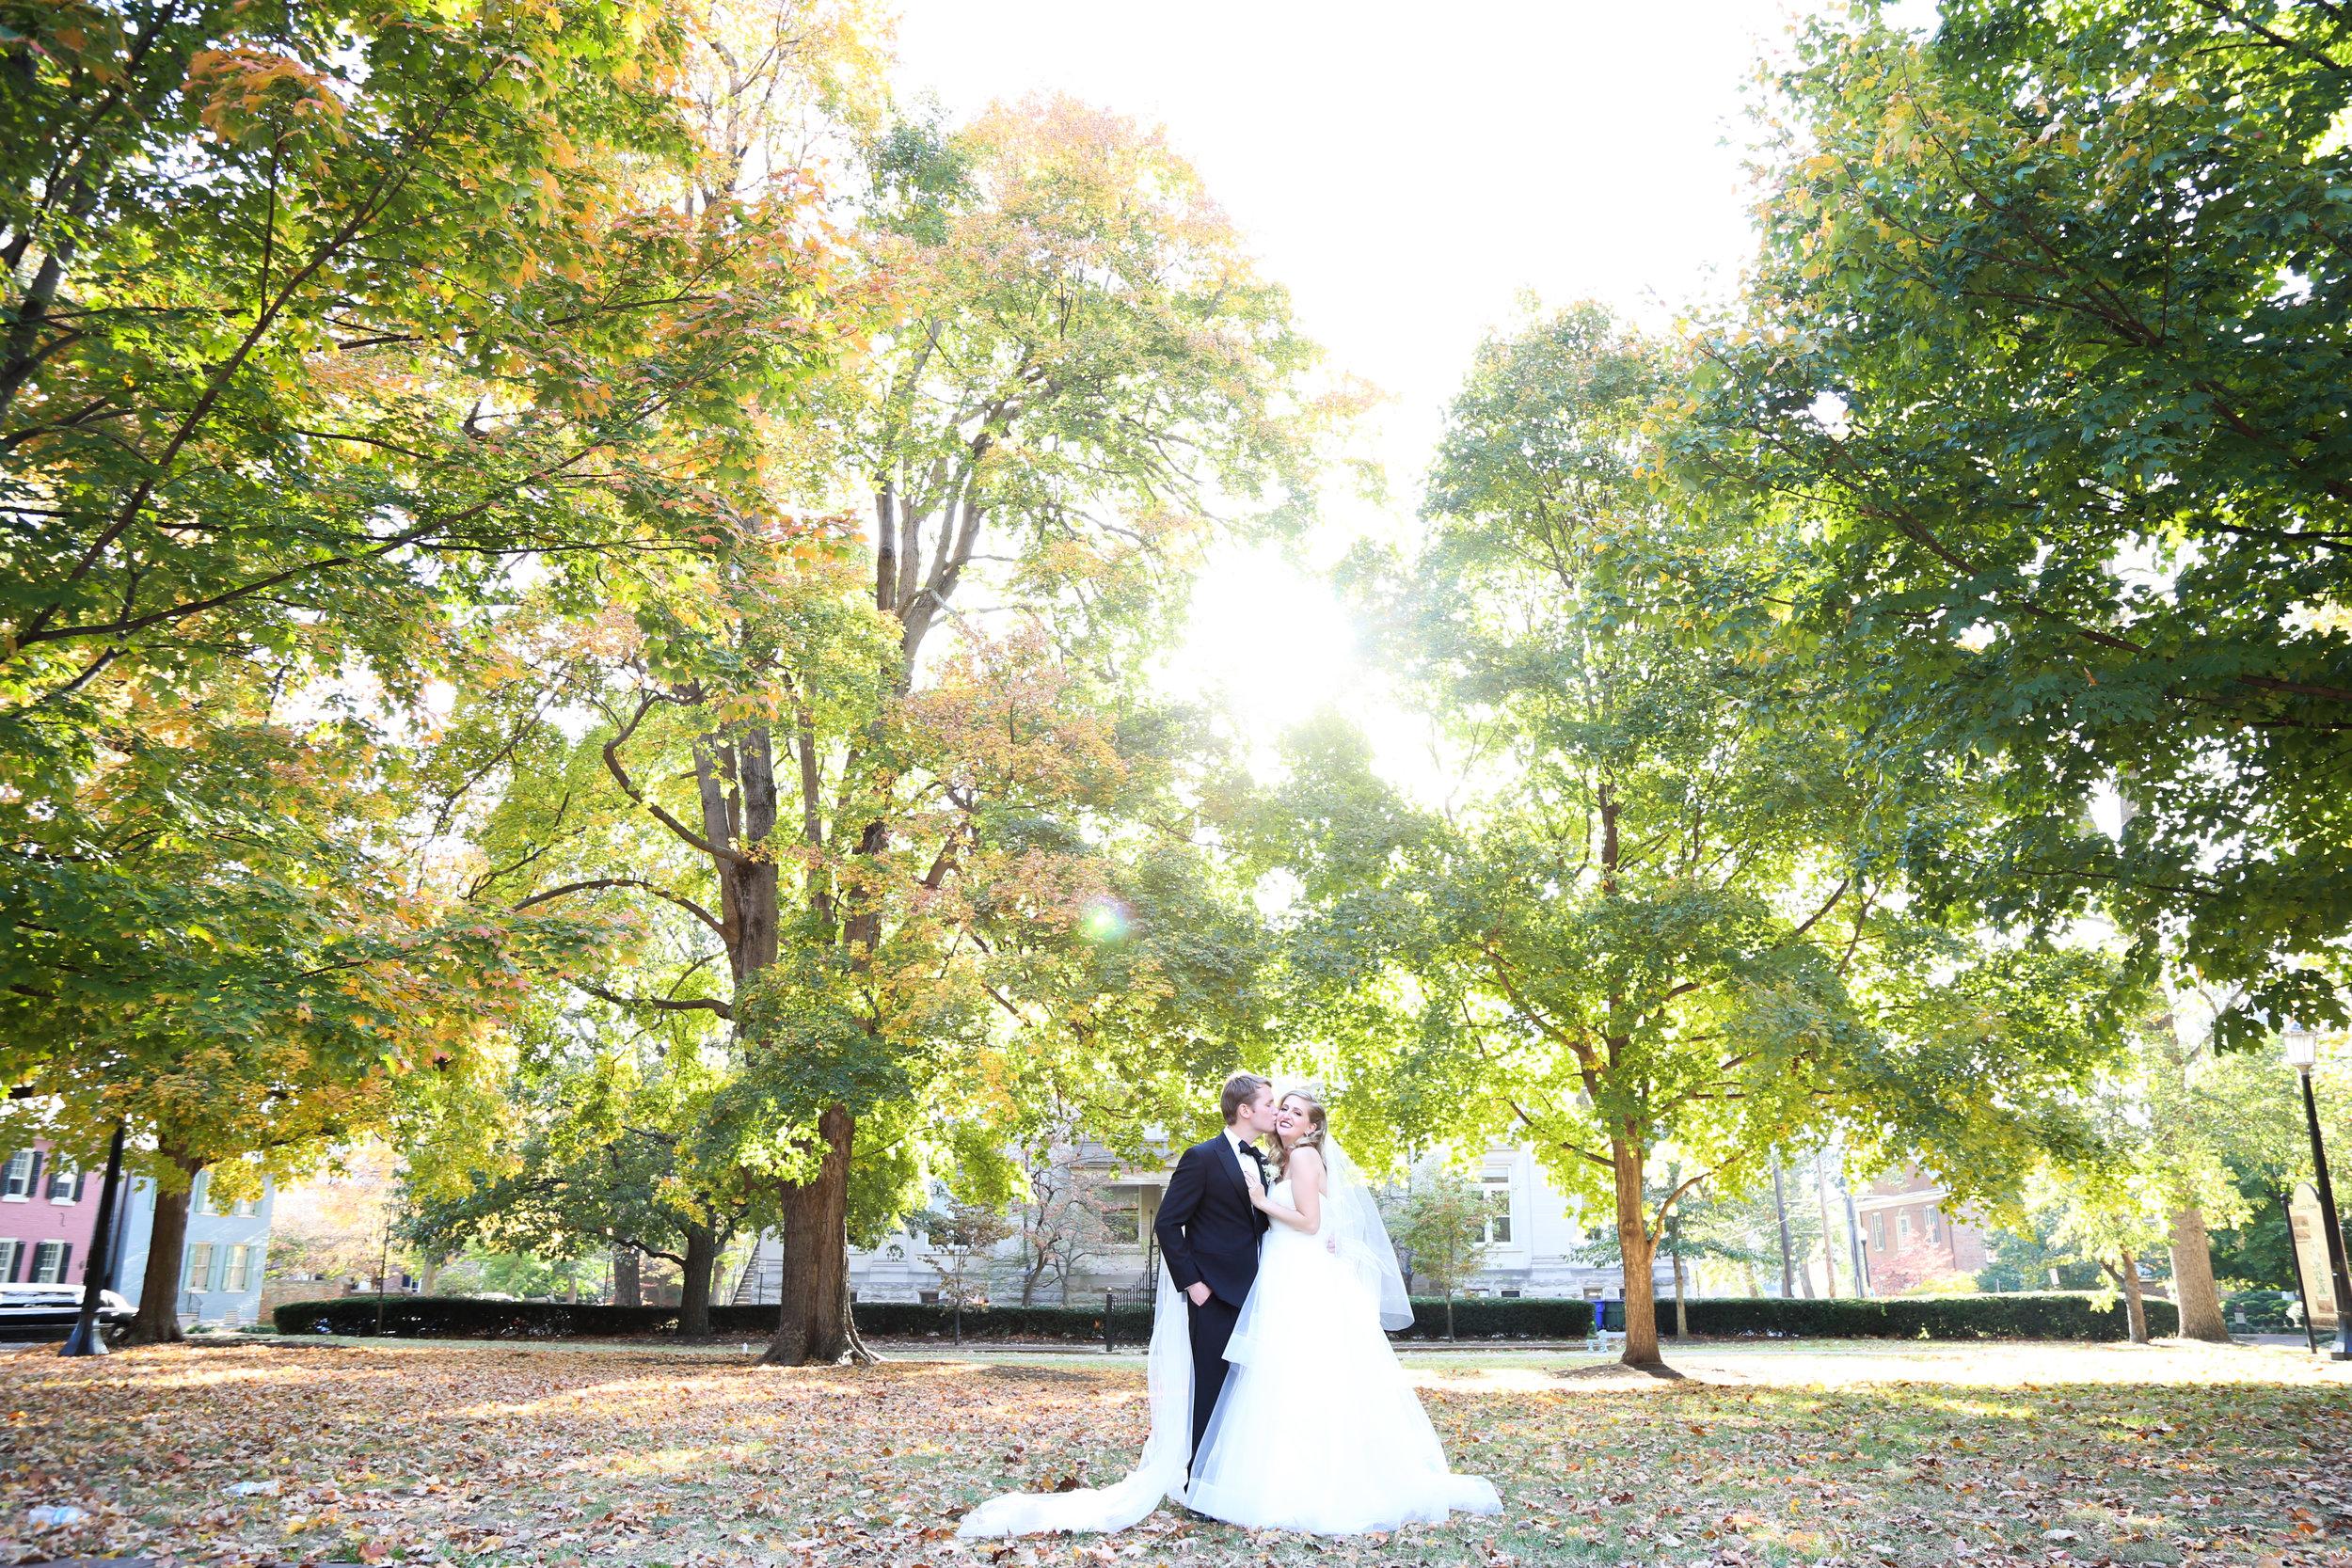 GILLIAN + BRIAN - LEXINGTON WEDDING PHOTOGRAPHY